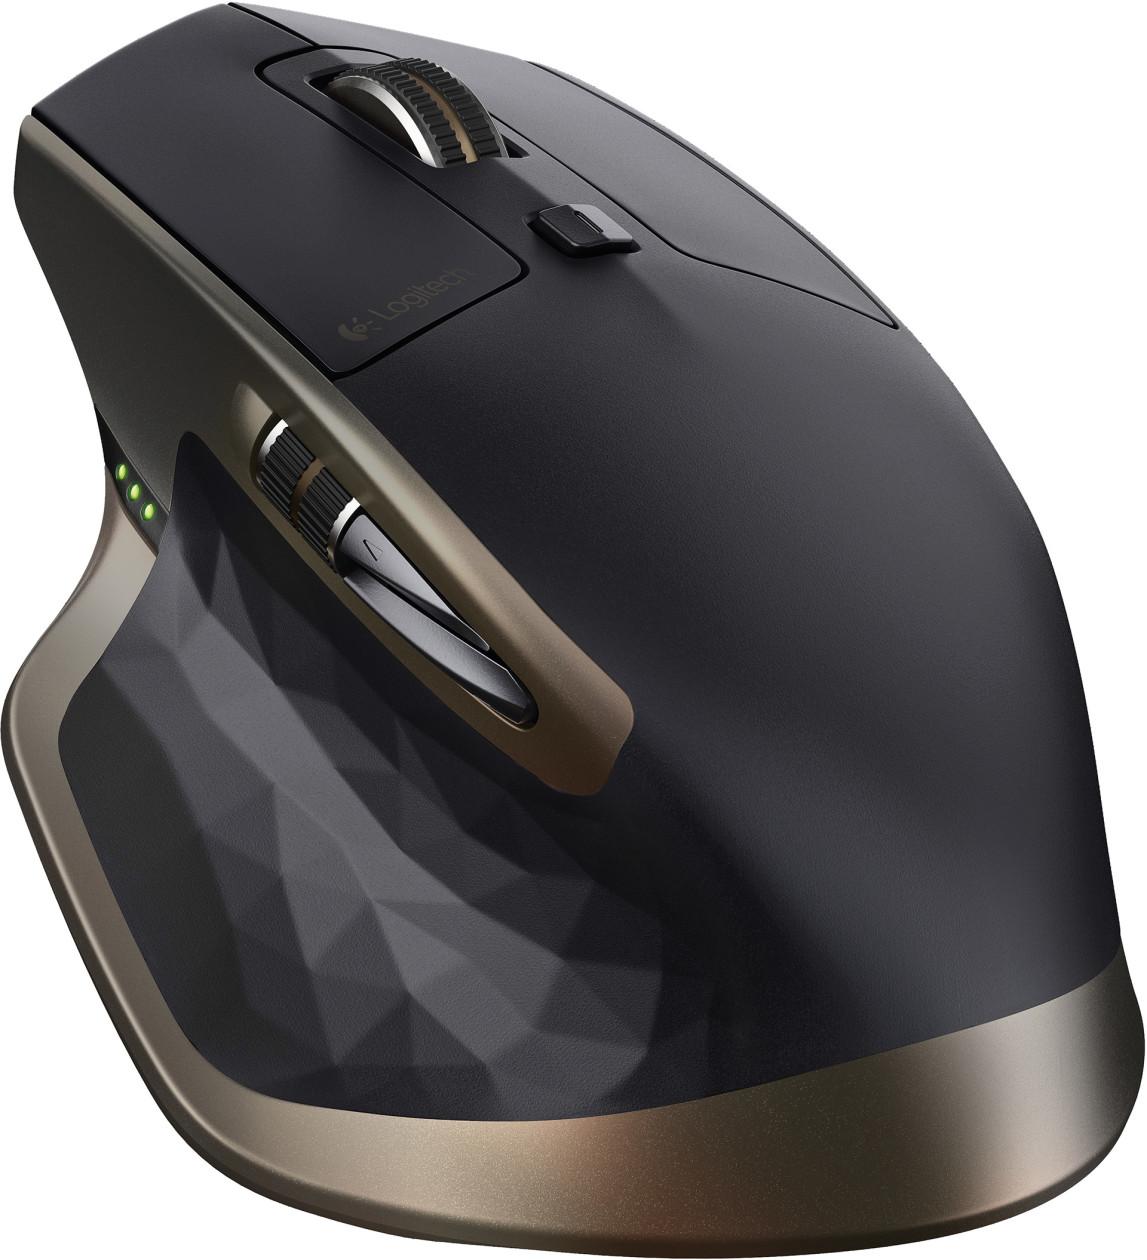 Logitech finalmente lança um novo mouse wireless, o MX Master